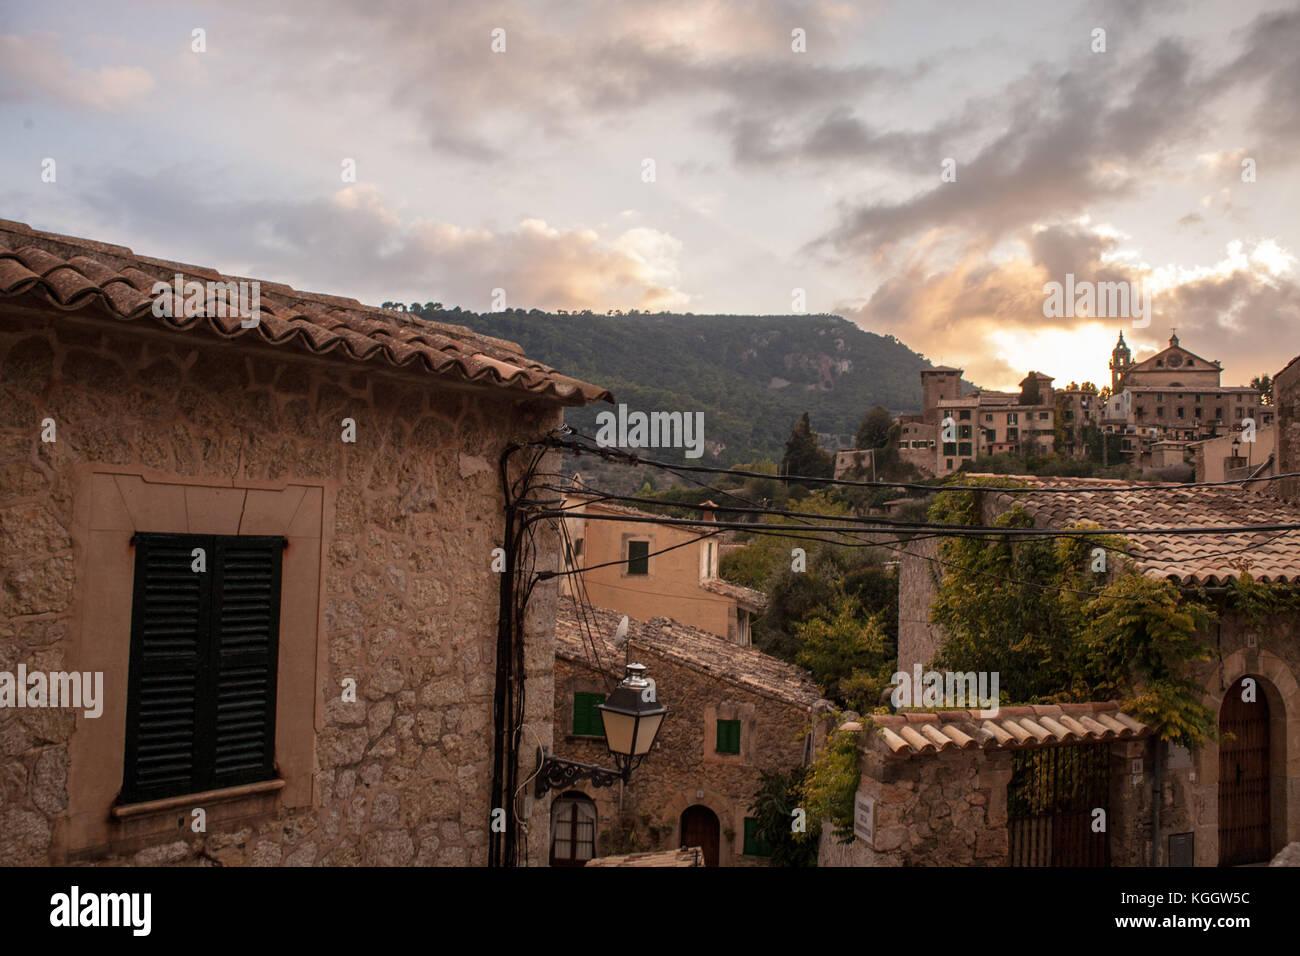 Dächer und Telefon Kabel in einer dramatischen Sonnenuntergang in Valldemossa, Mallorca Stockbild